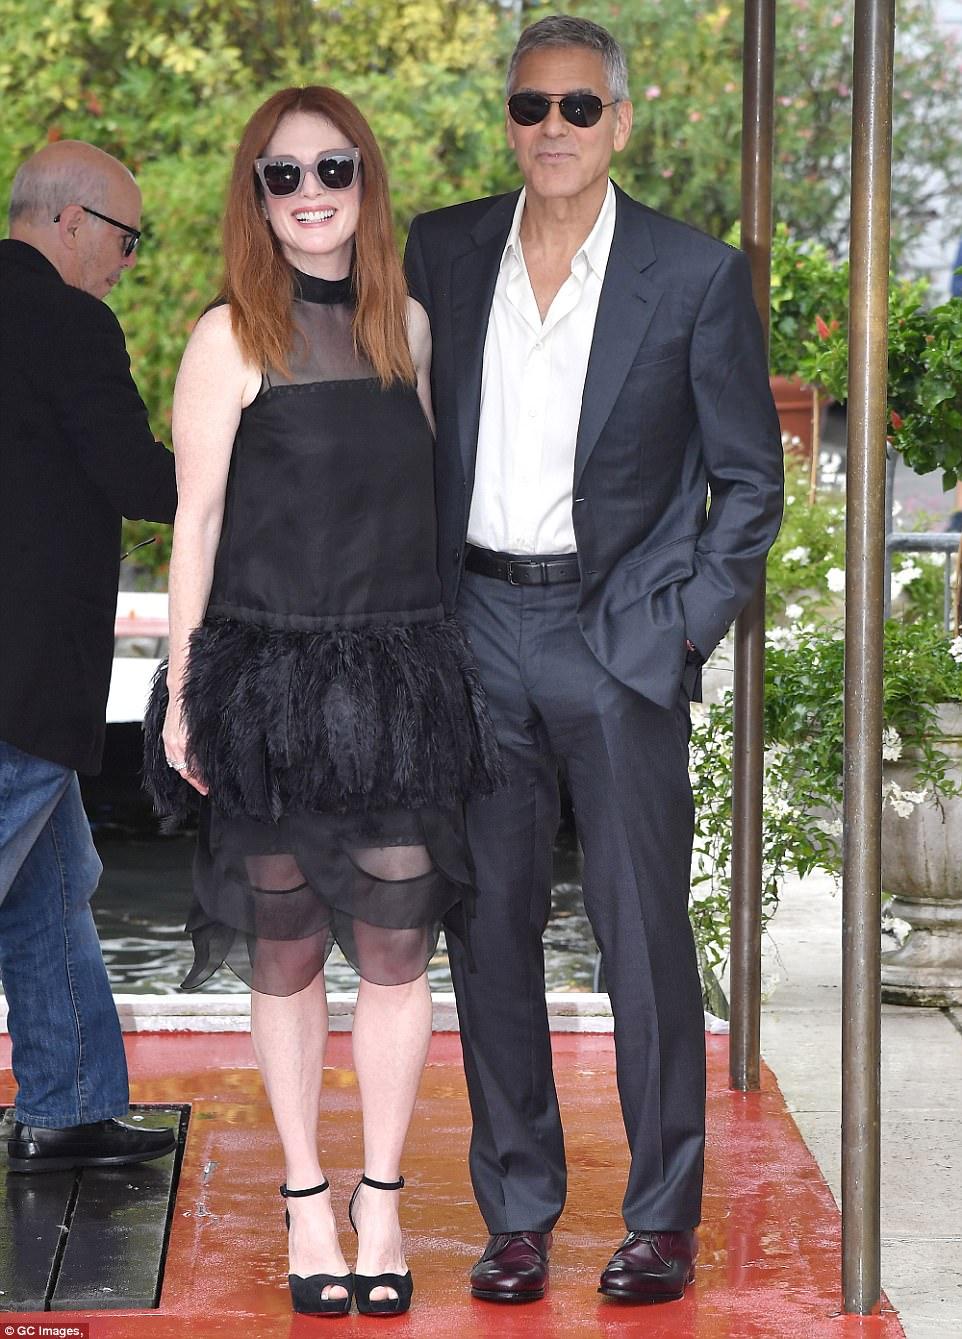 George and the Suburbicon cast in Venice 43C76F1F00000578-0-image-m-109_1504260977798